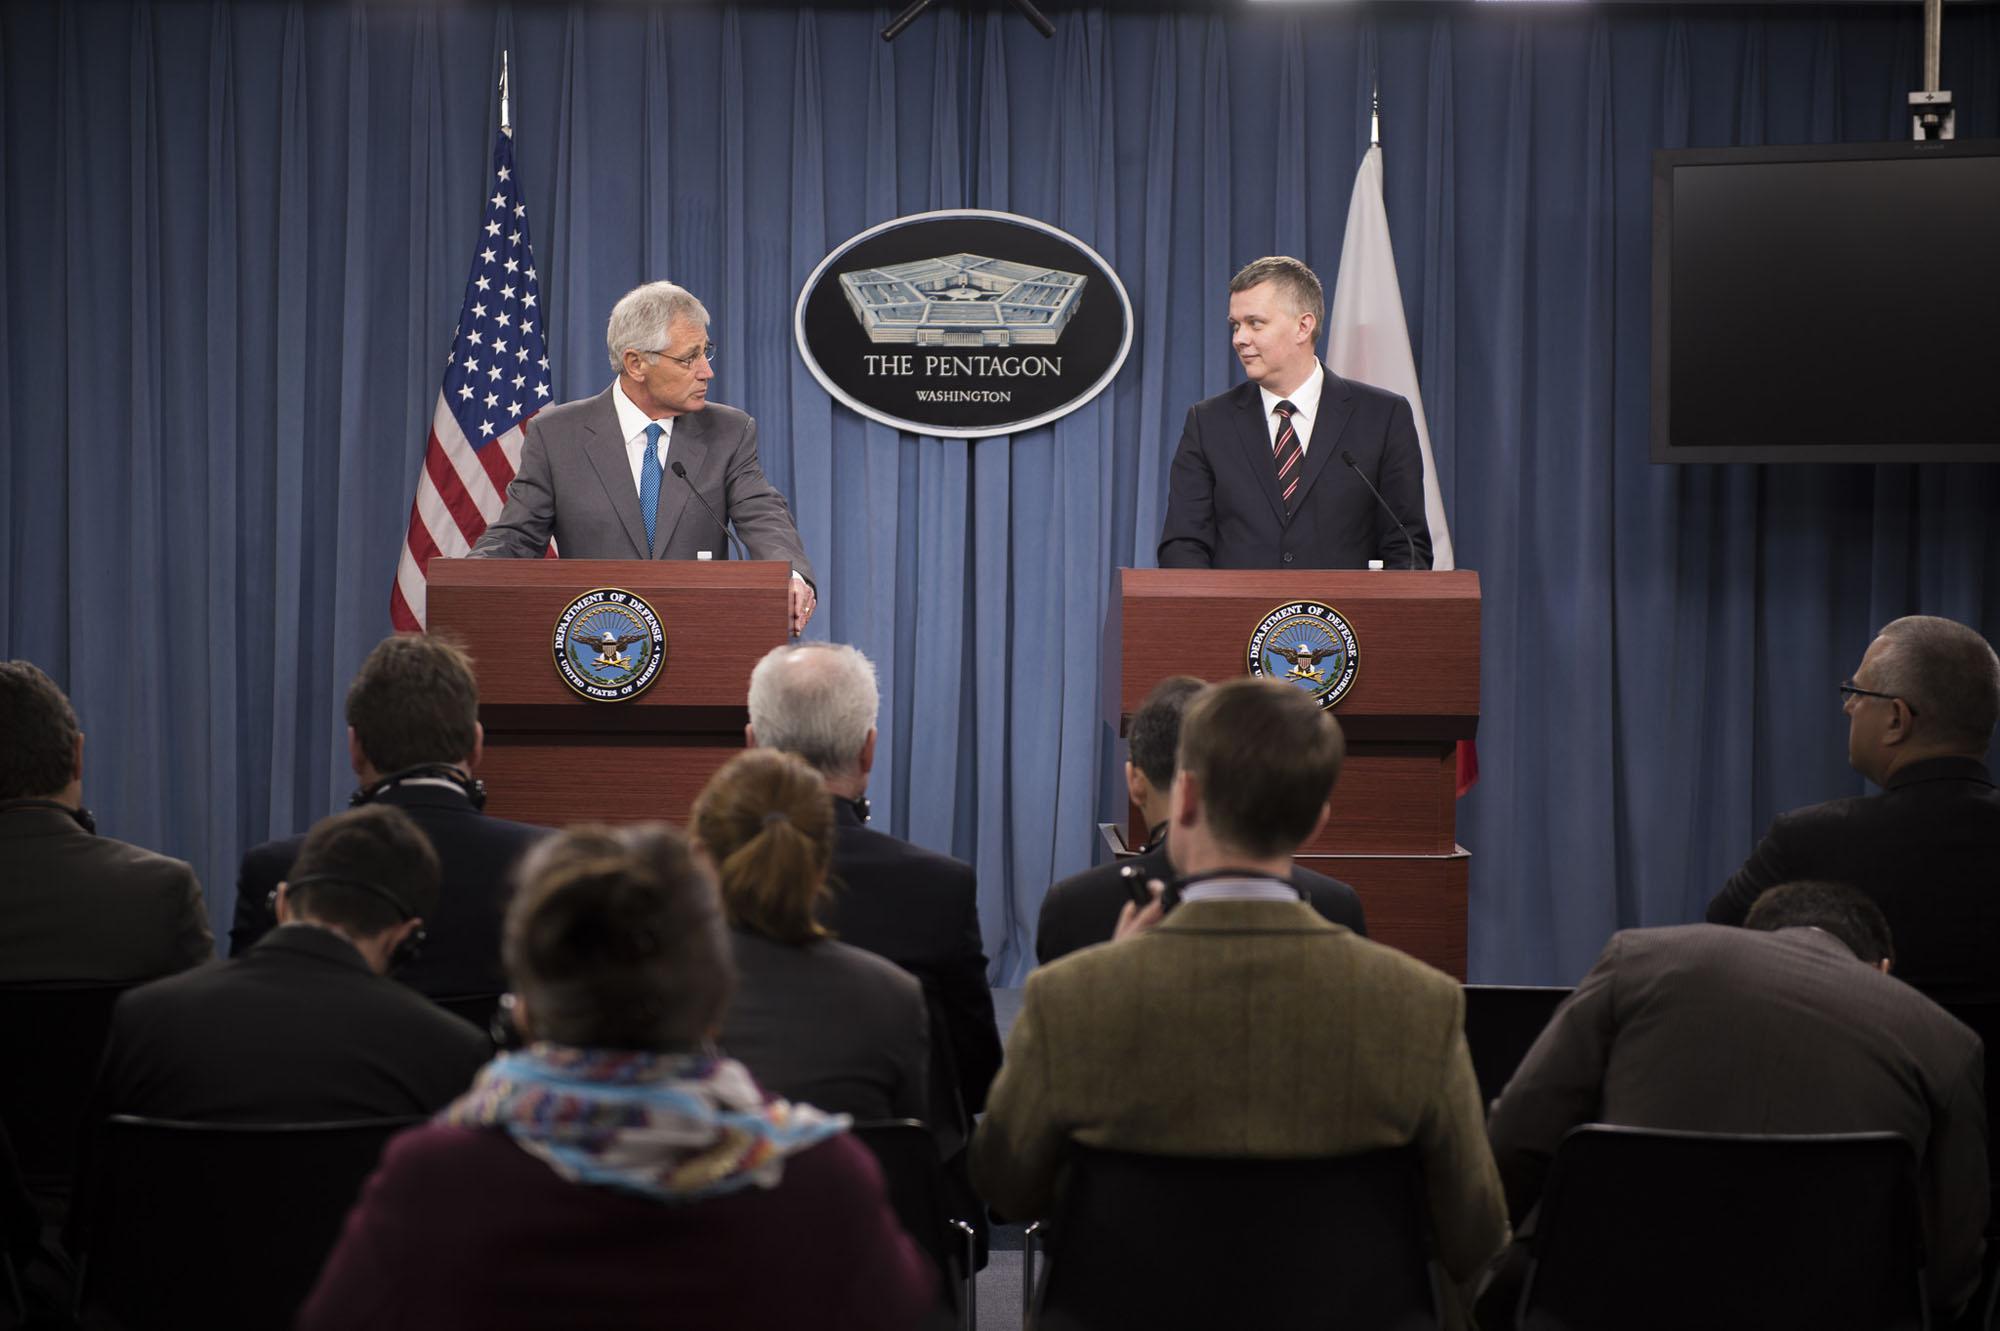 Hagel: U.S. May 'Adjust' Missile Defenses in Europe, As Tensions Rise